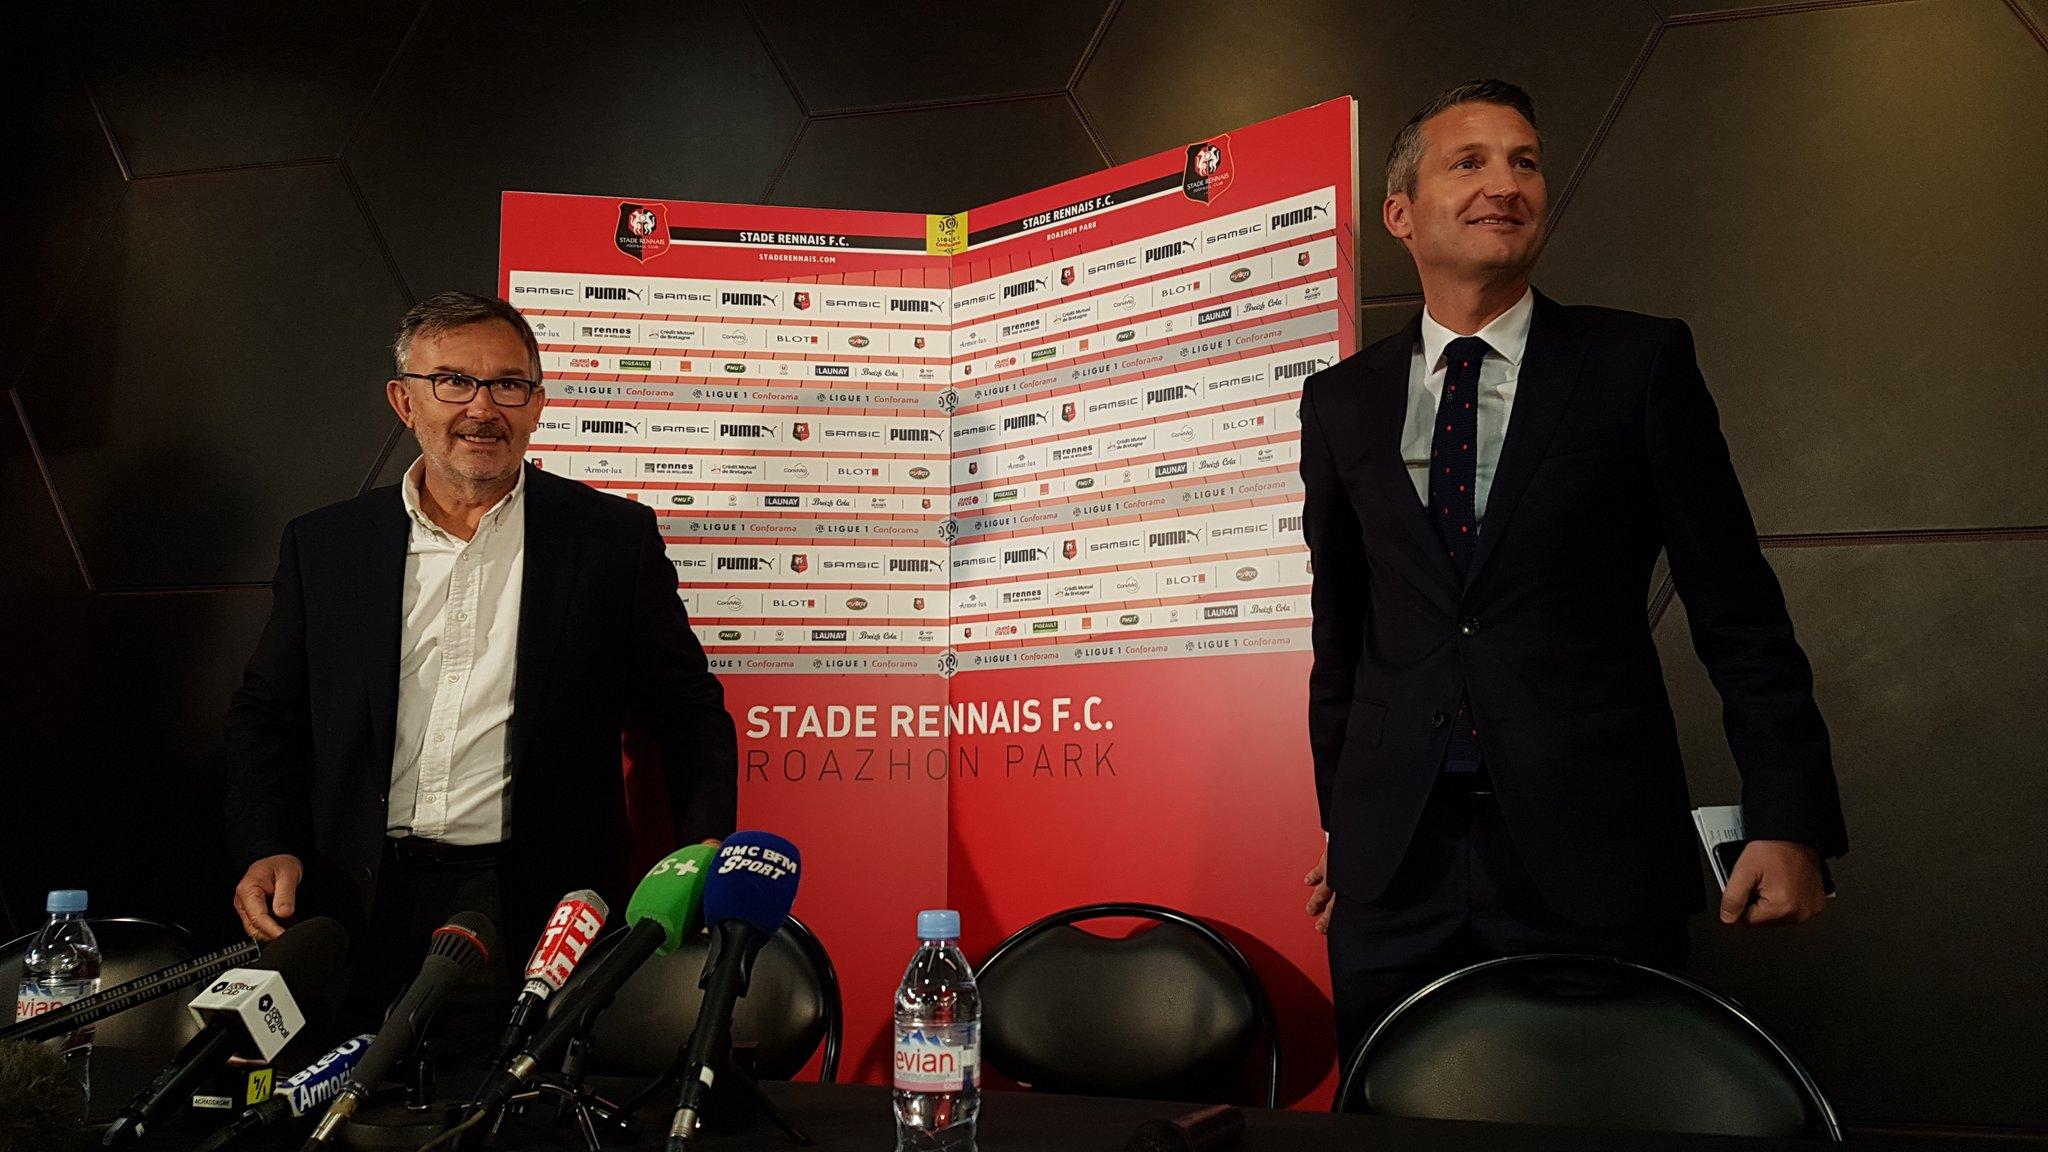 Rencontre rennes rencontre gay 66 rencontre gratuit lyon